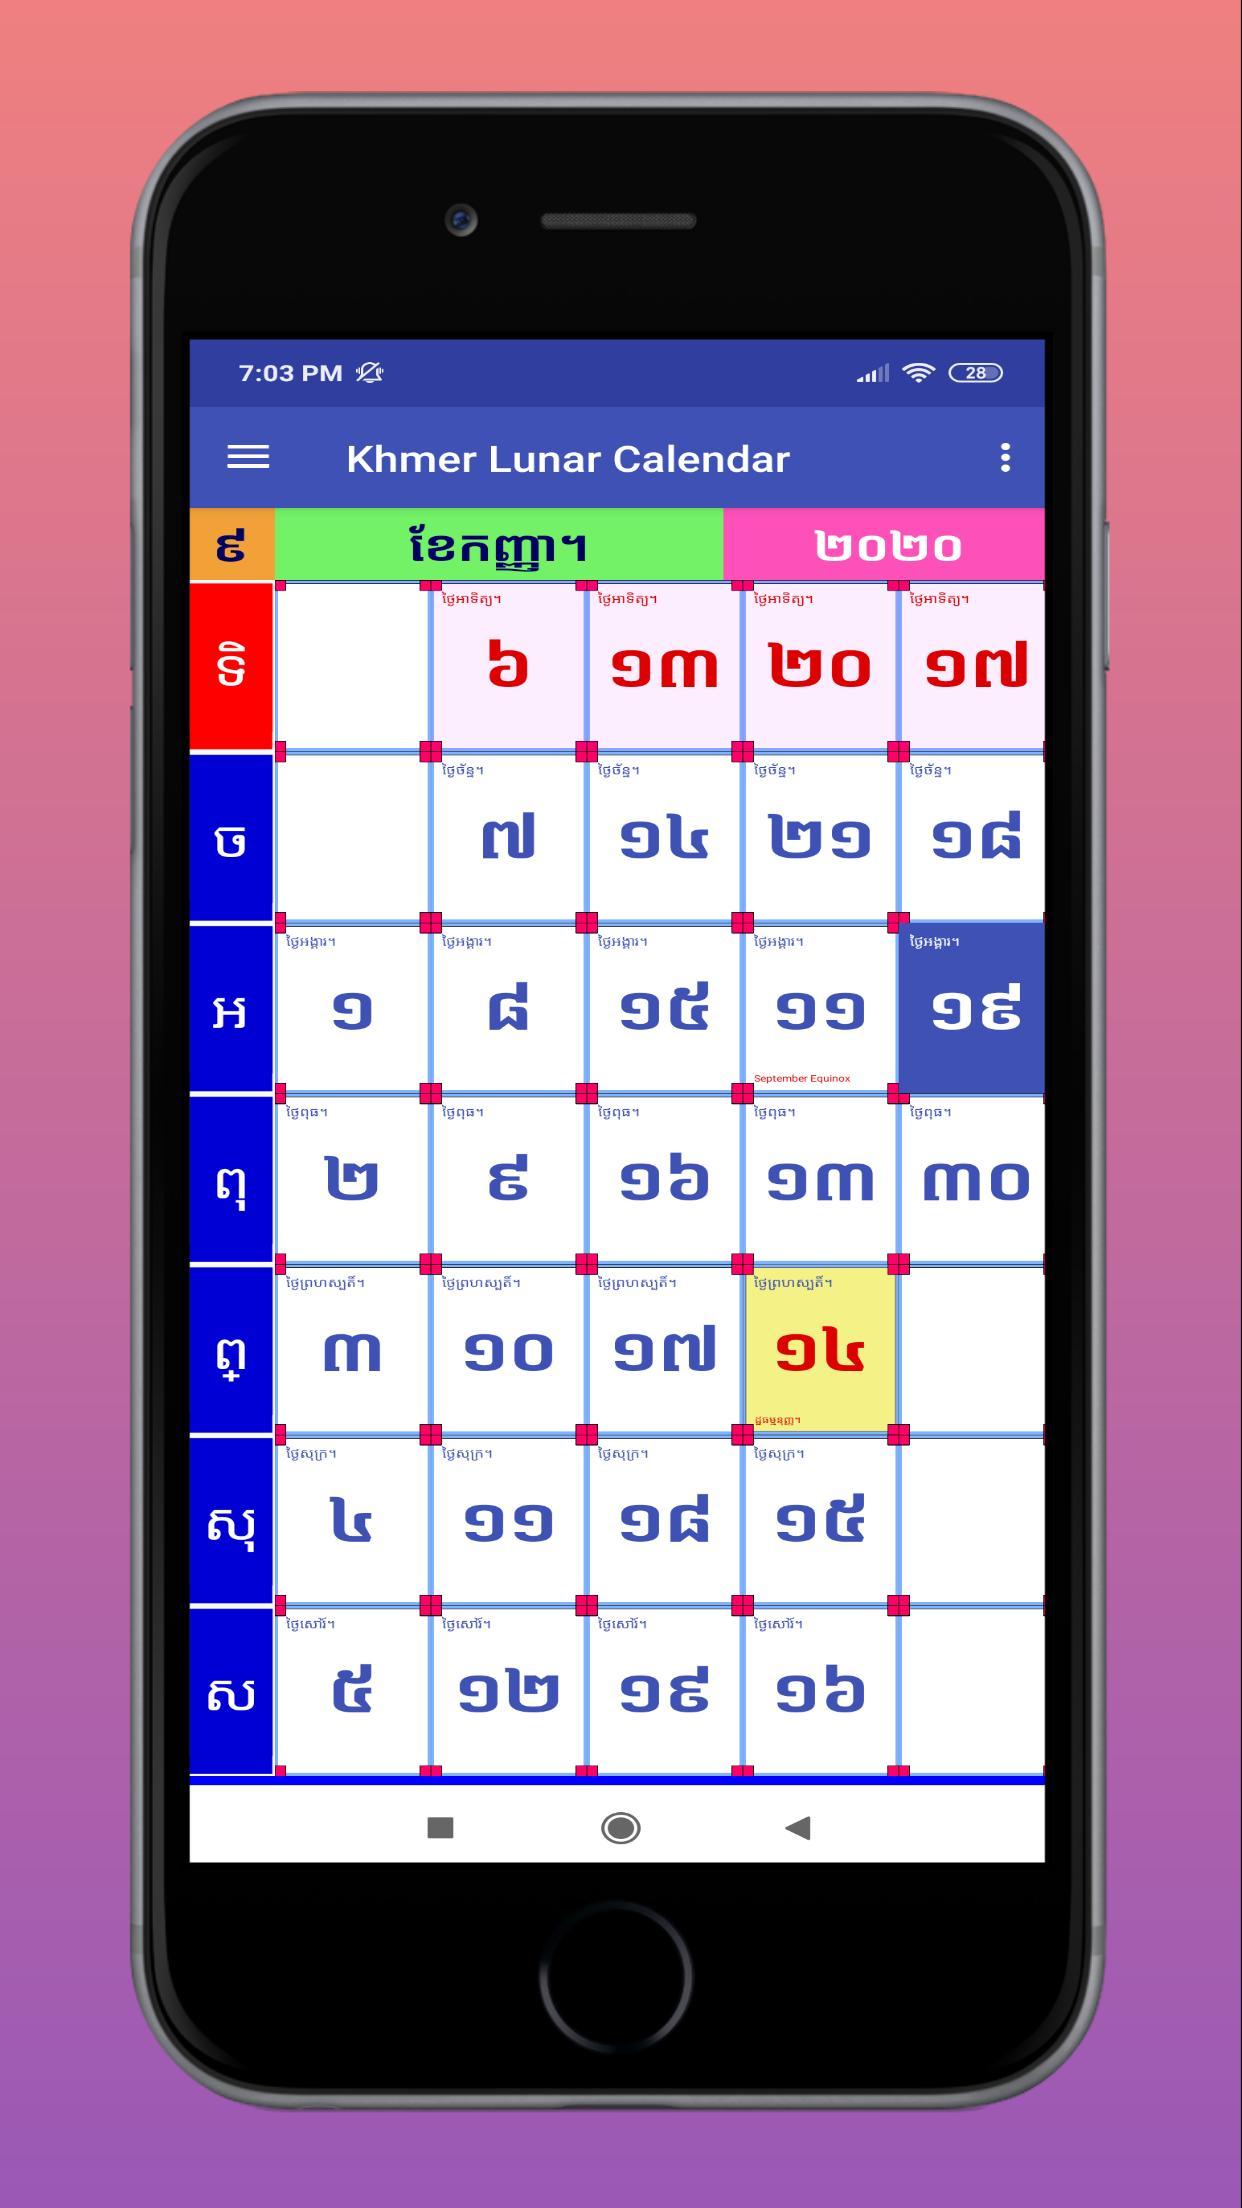 Khmer Lunar Calendar For Android  Apk Download for Khmer Lunar Calendar 2018